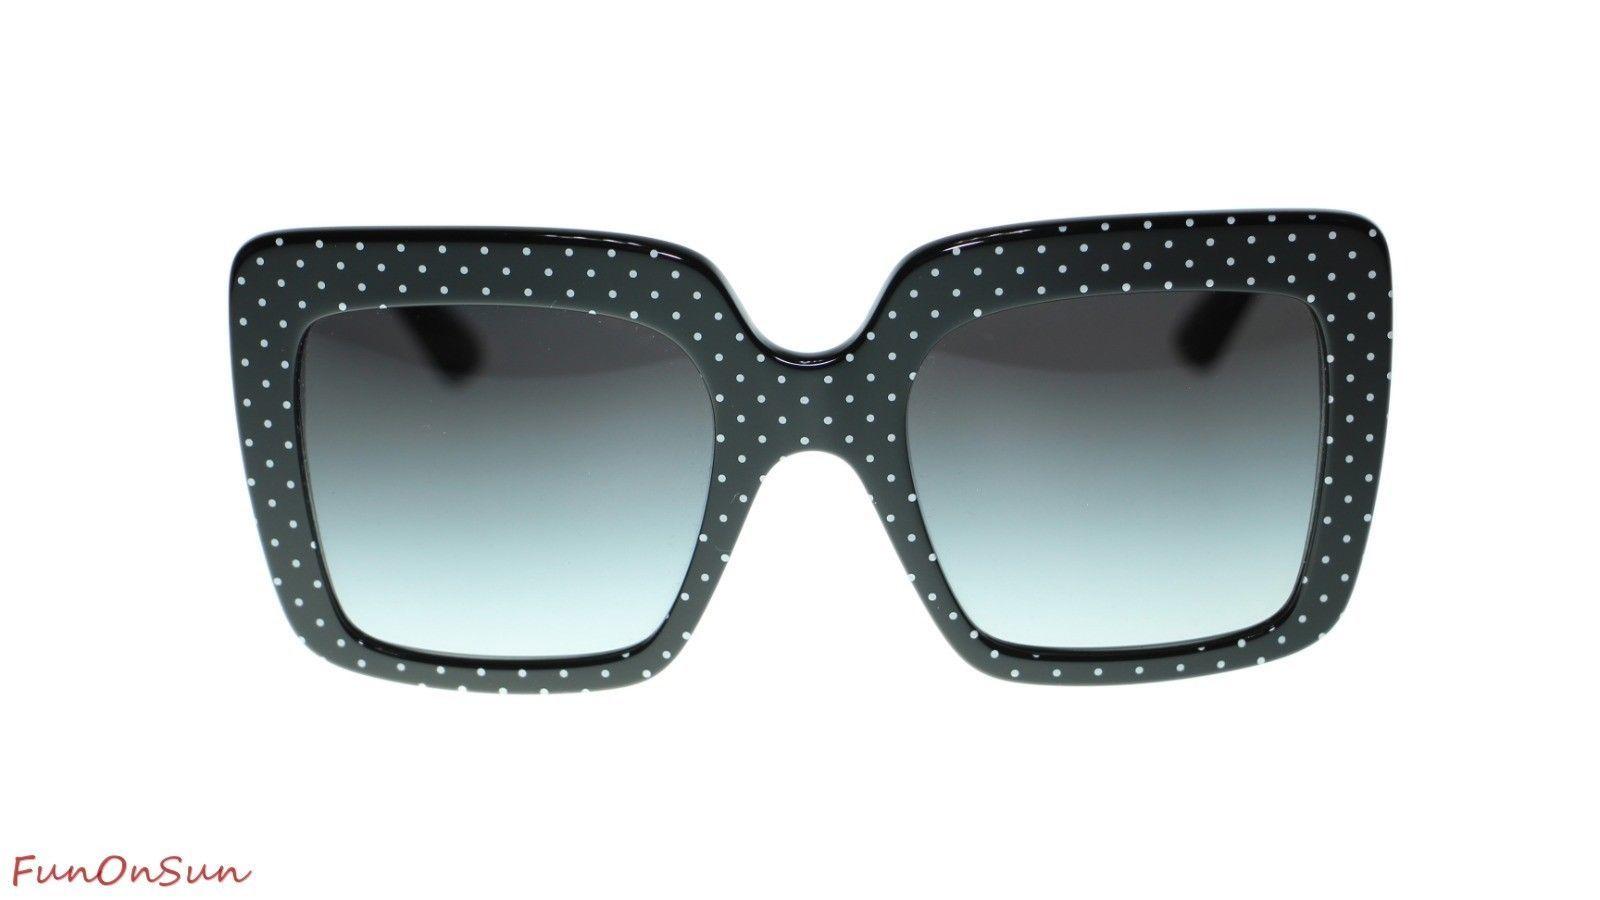 Dolce Gabbana Sunglasses DG4310 31268G White on Black/Grey Gradient Lens 52mm